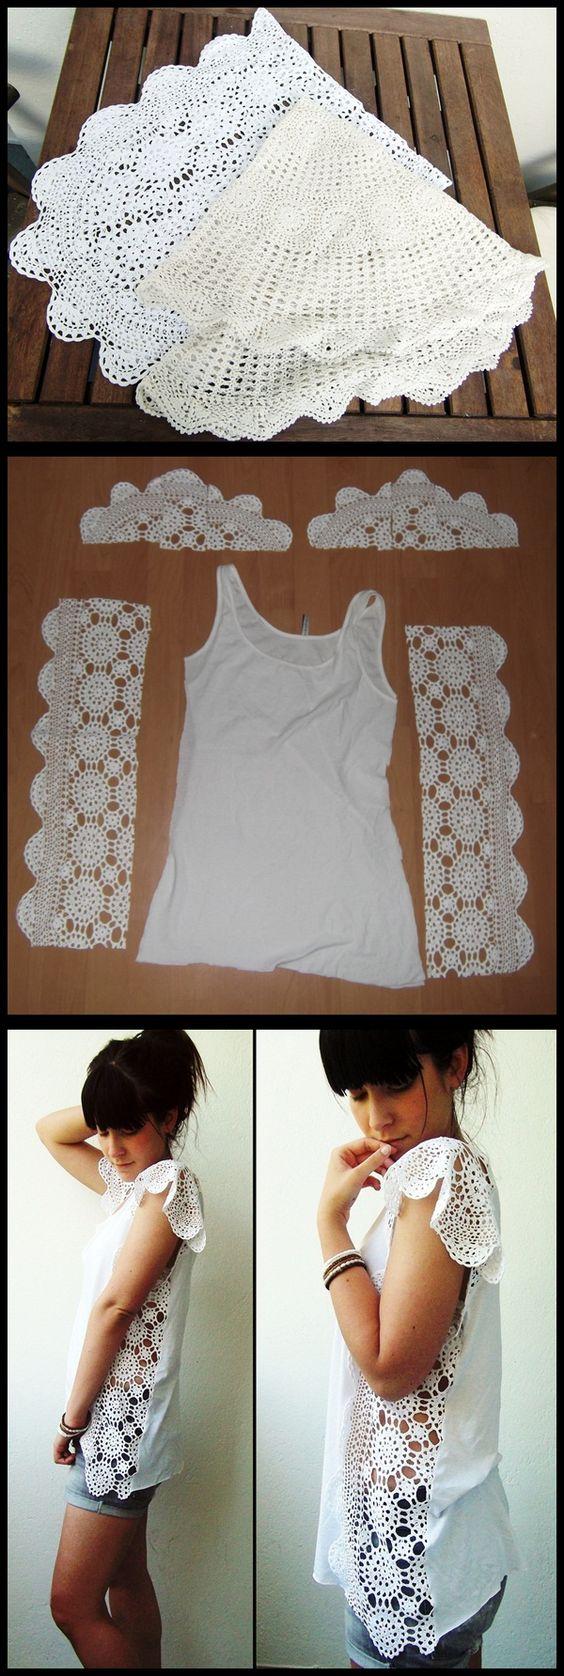 Csipkemintás trikó - 10 tipp a régi ruhák újrahasznosításához- 1. rész